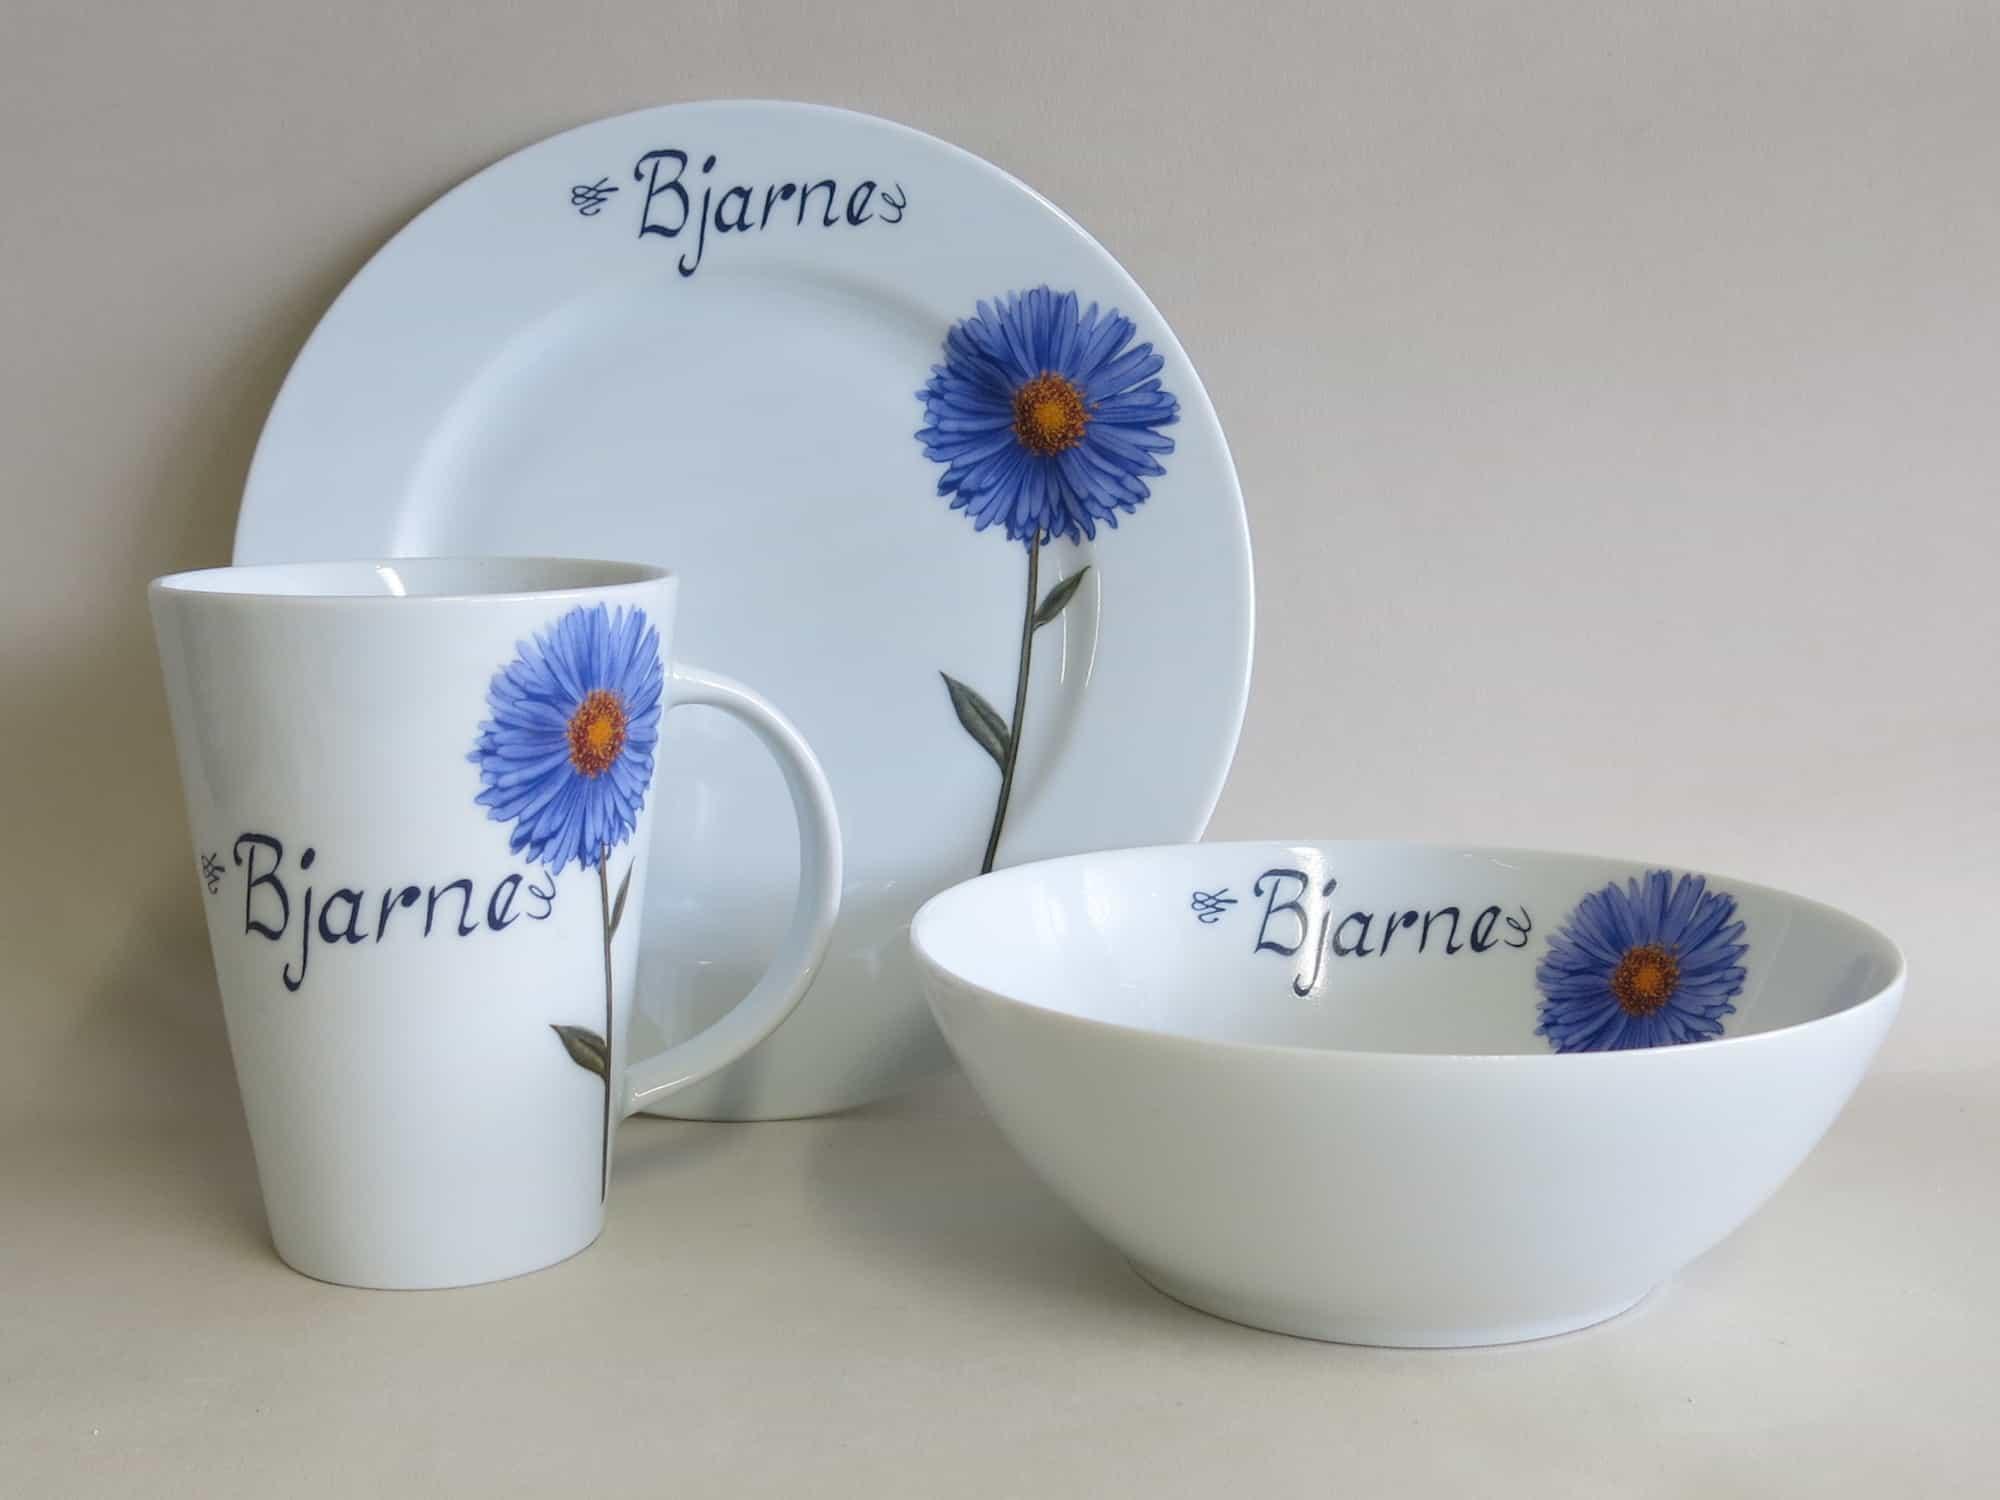 Dreiteiliges Frühstückgsgeschirr aus Porzellan mit Teller 21,5 cm Becher 350 ml und Schüssel 17 cm mit Blume blauer Aster und Namen personalisiert